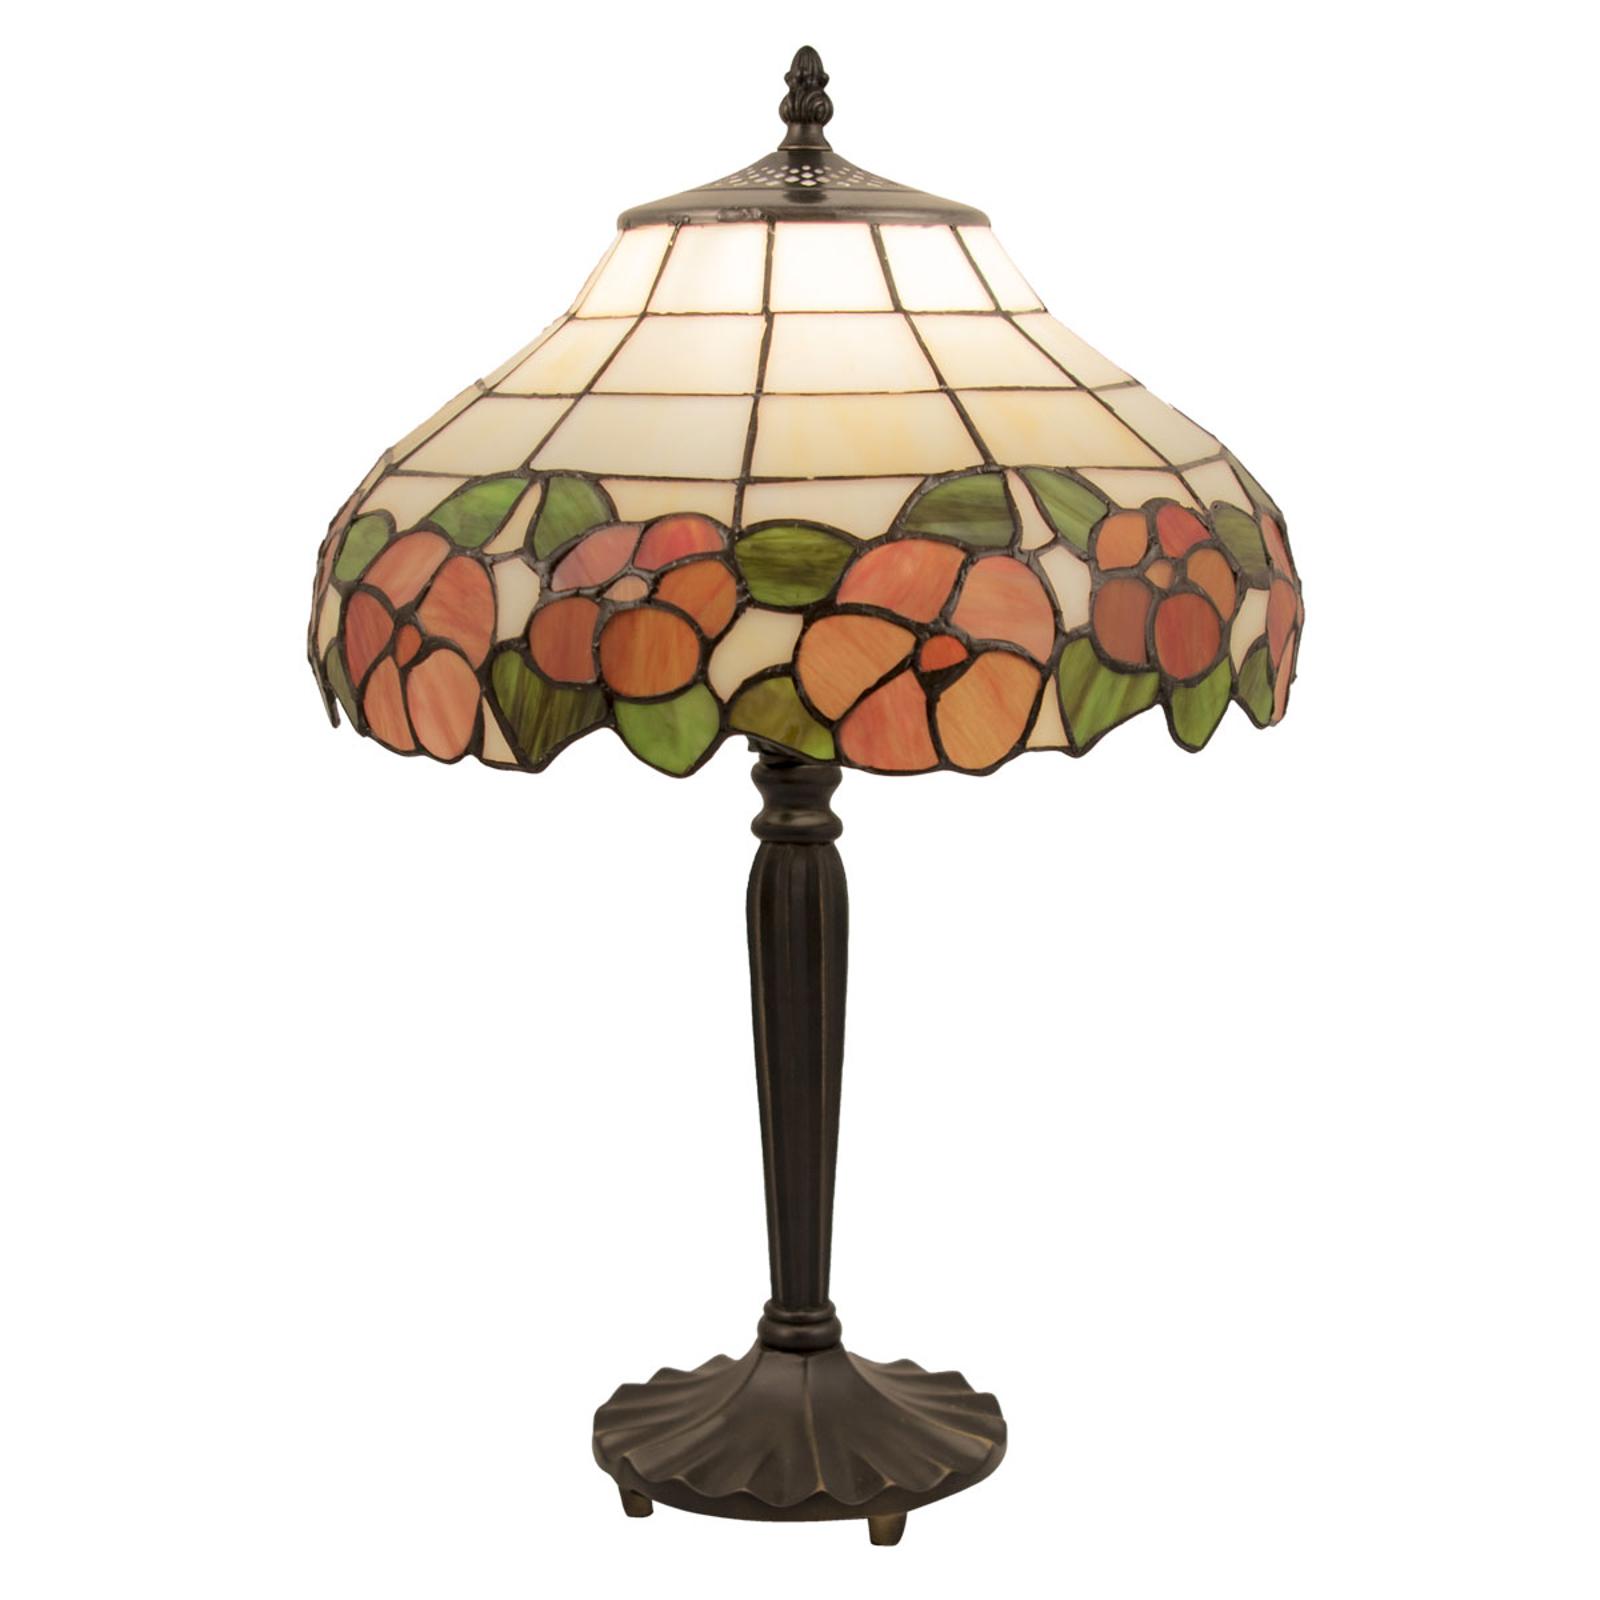 Pöytälamppu 5941 kukkakuvioinnilla, lasivarjostin